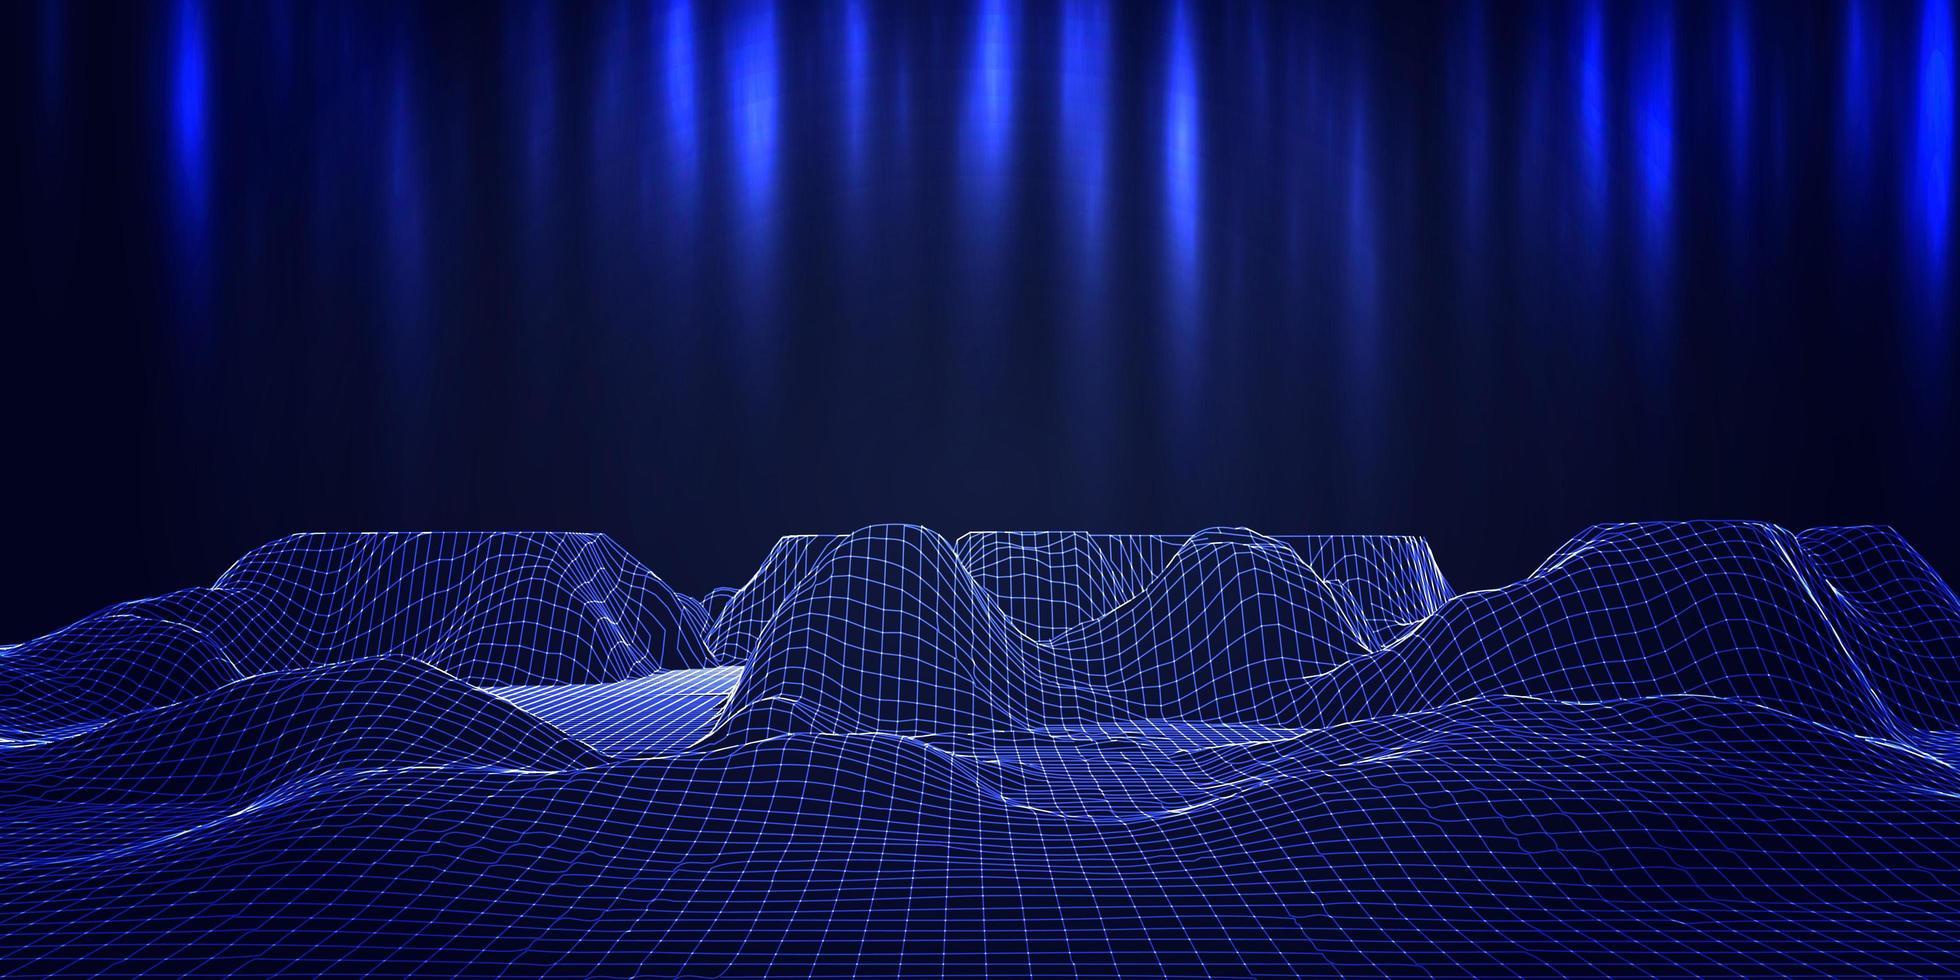 moderne banner futuristische draadframe terrein vector